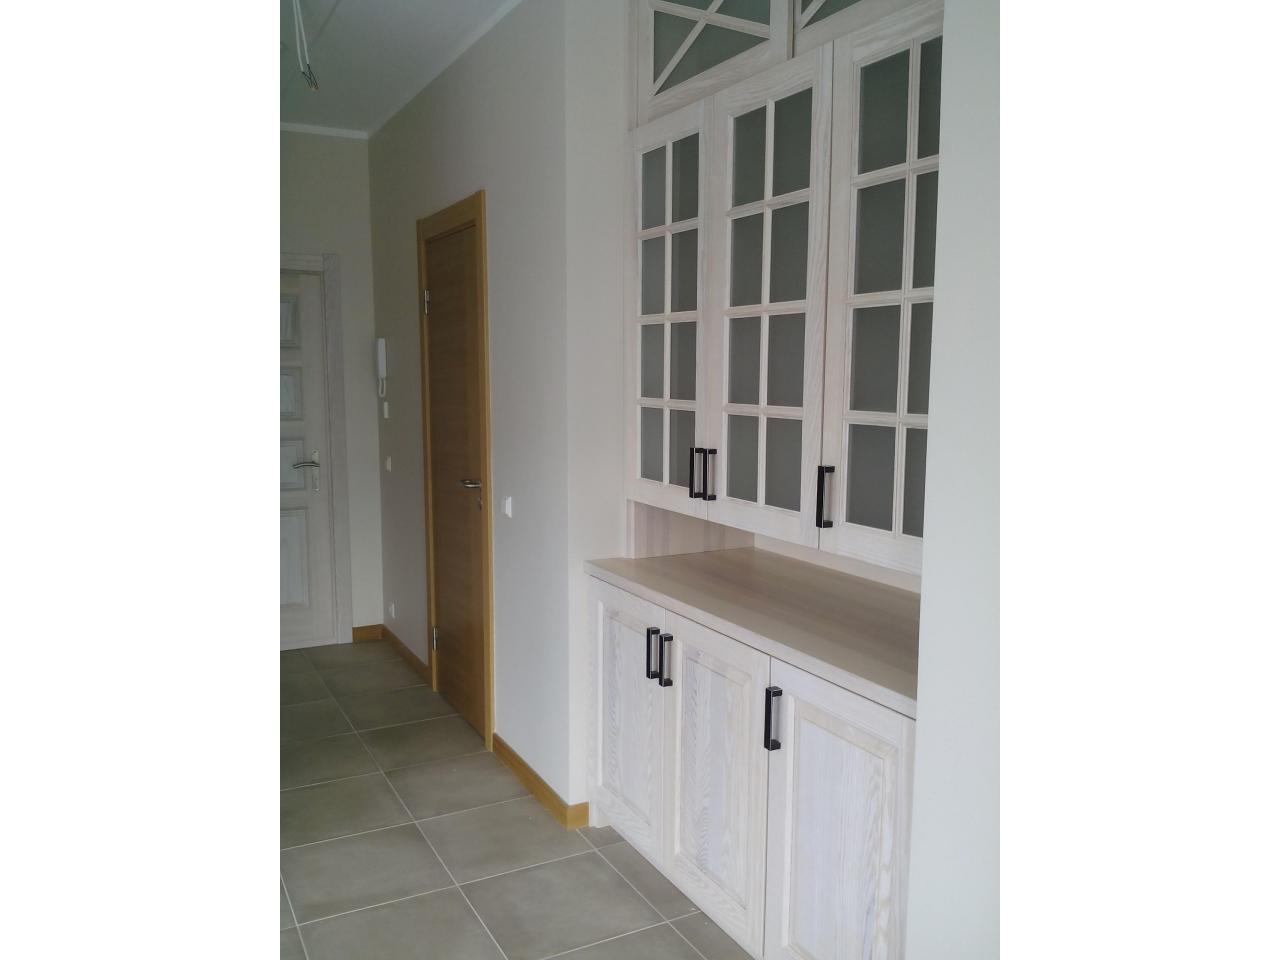 Продается 2 комнатная квартира в Латвии в городе Рига - 4